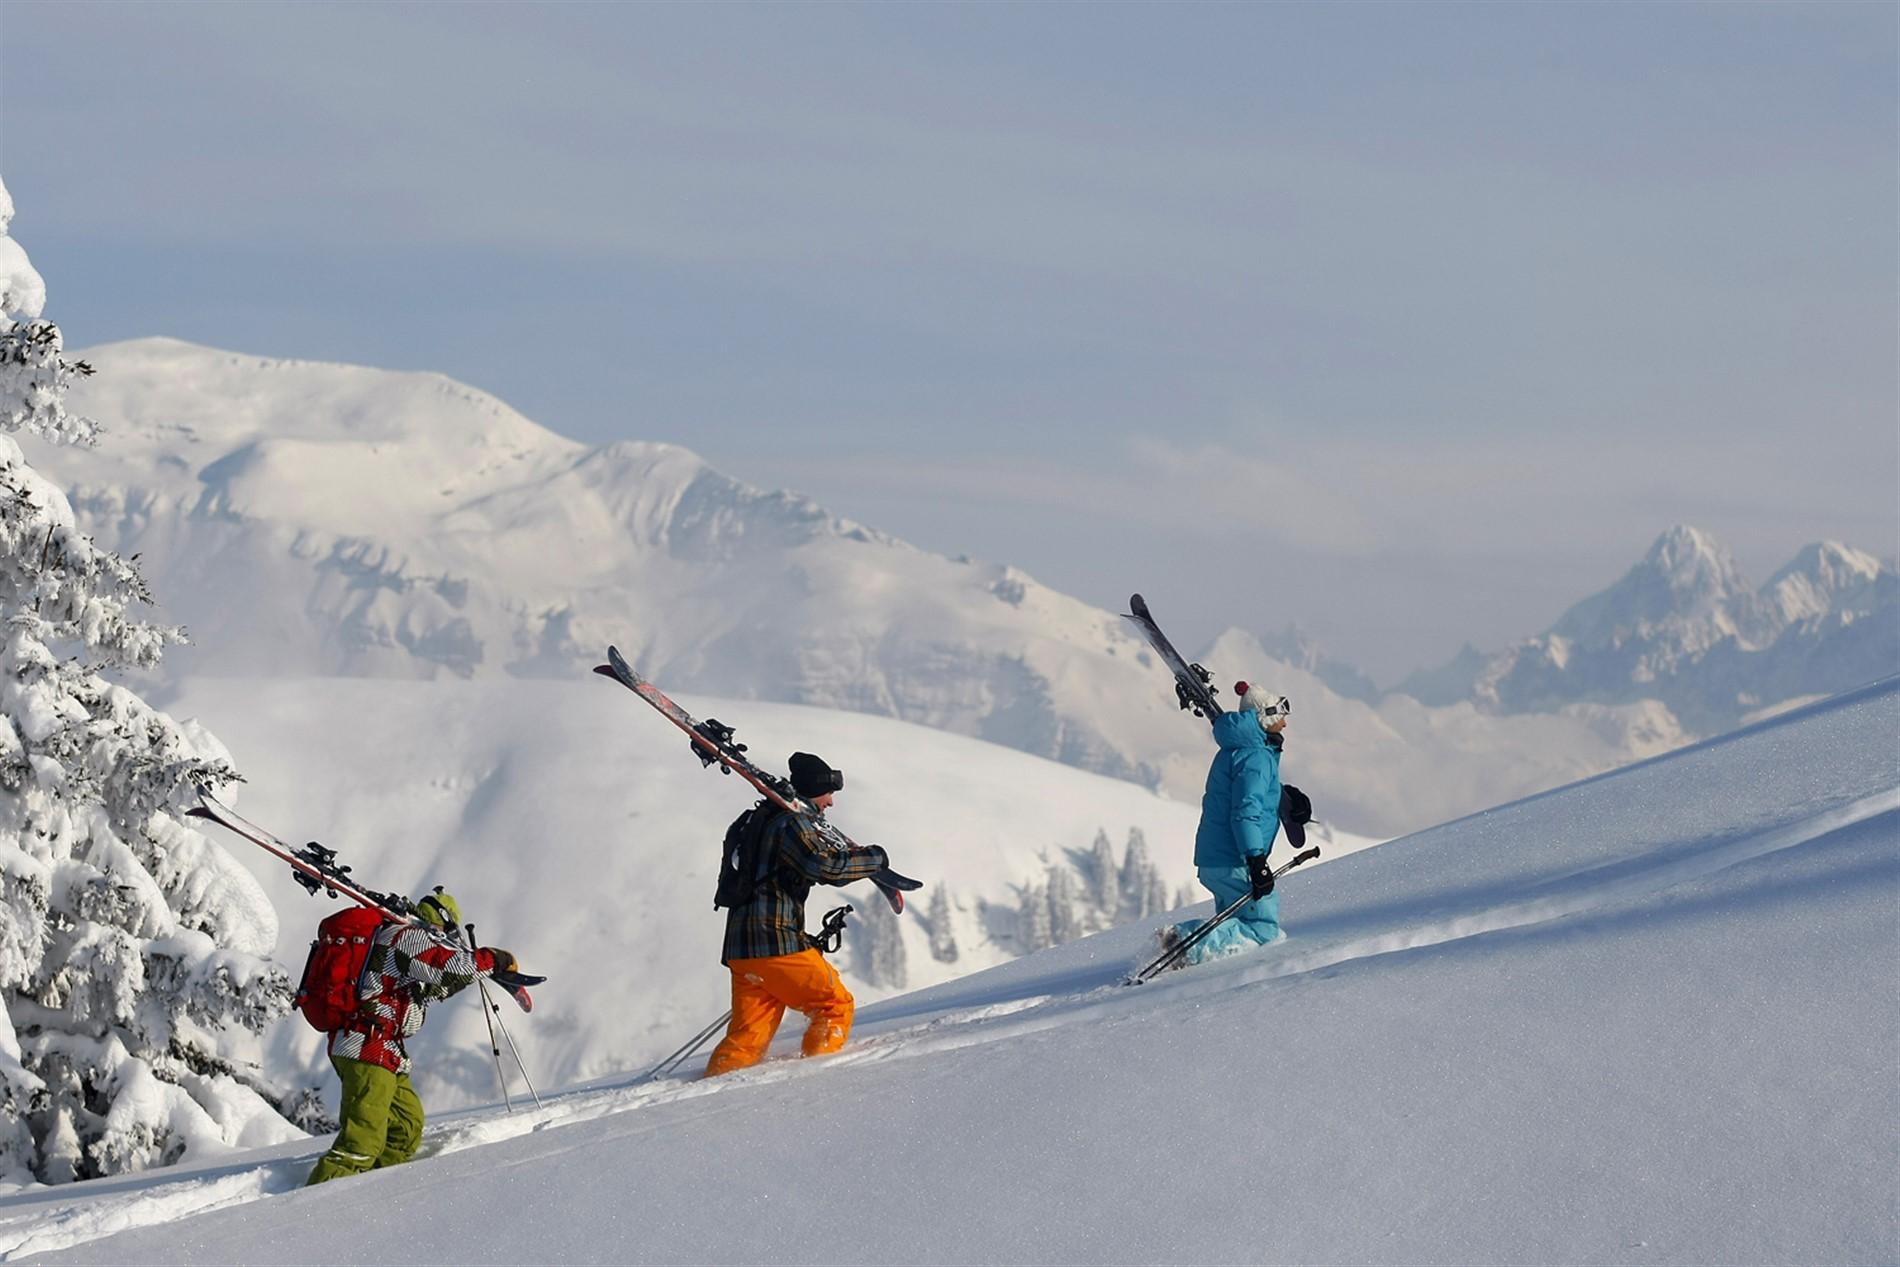 forfait ski grand massif 5 jours. Black Bedroom Furniture Sets. Home Design Ideas